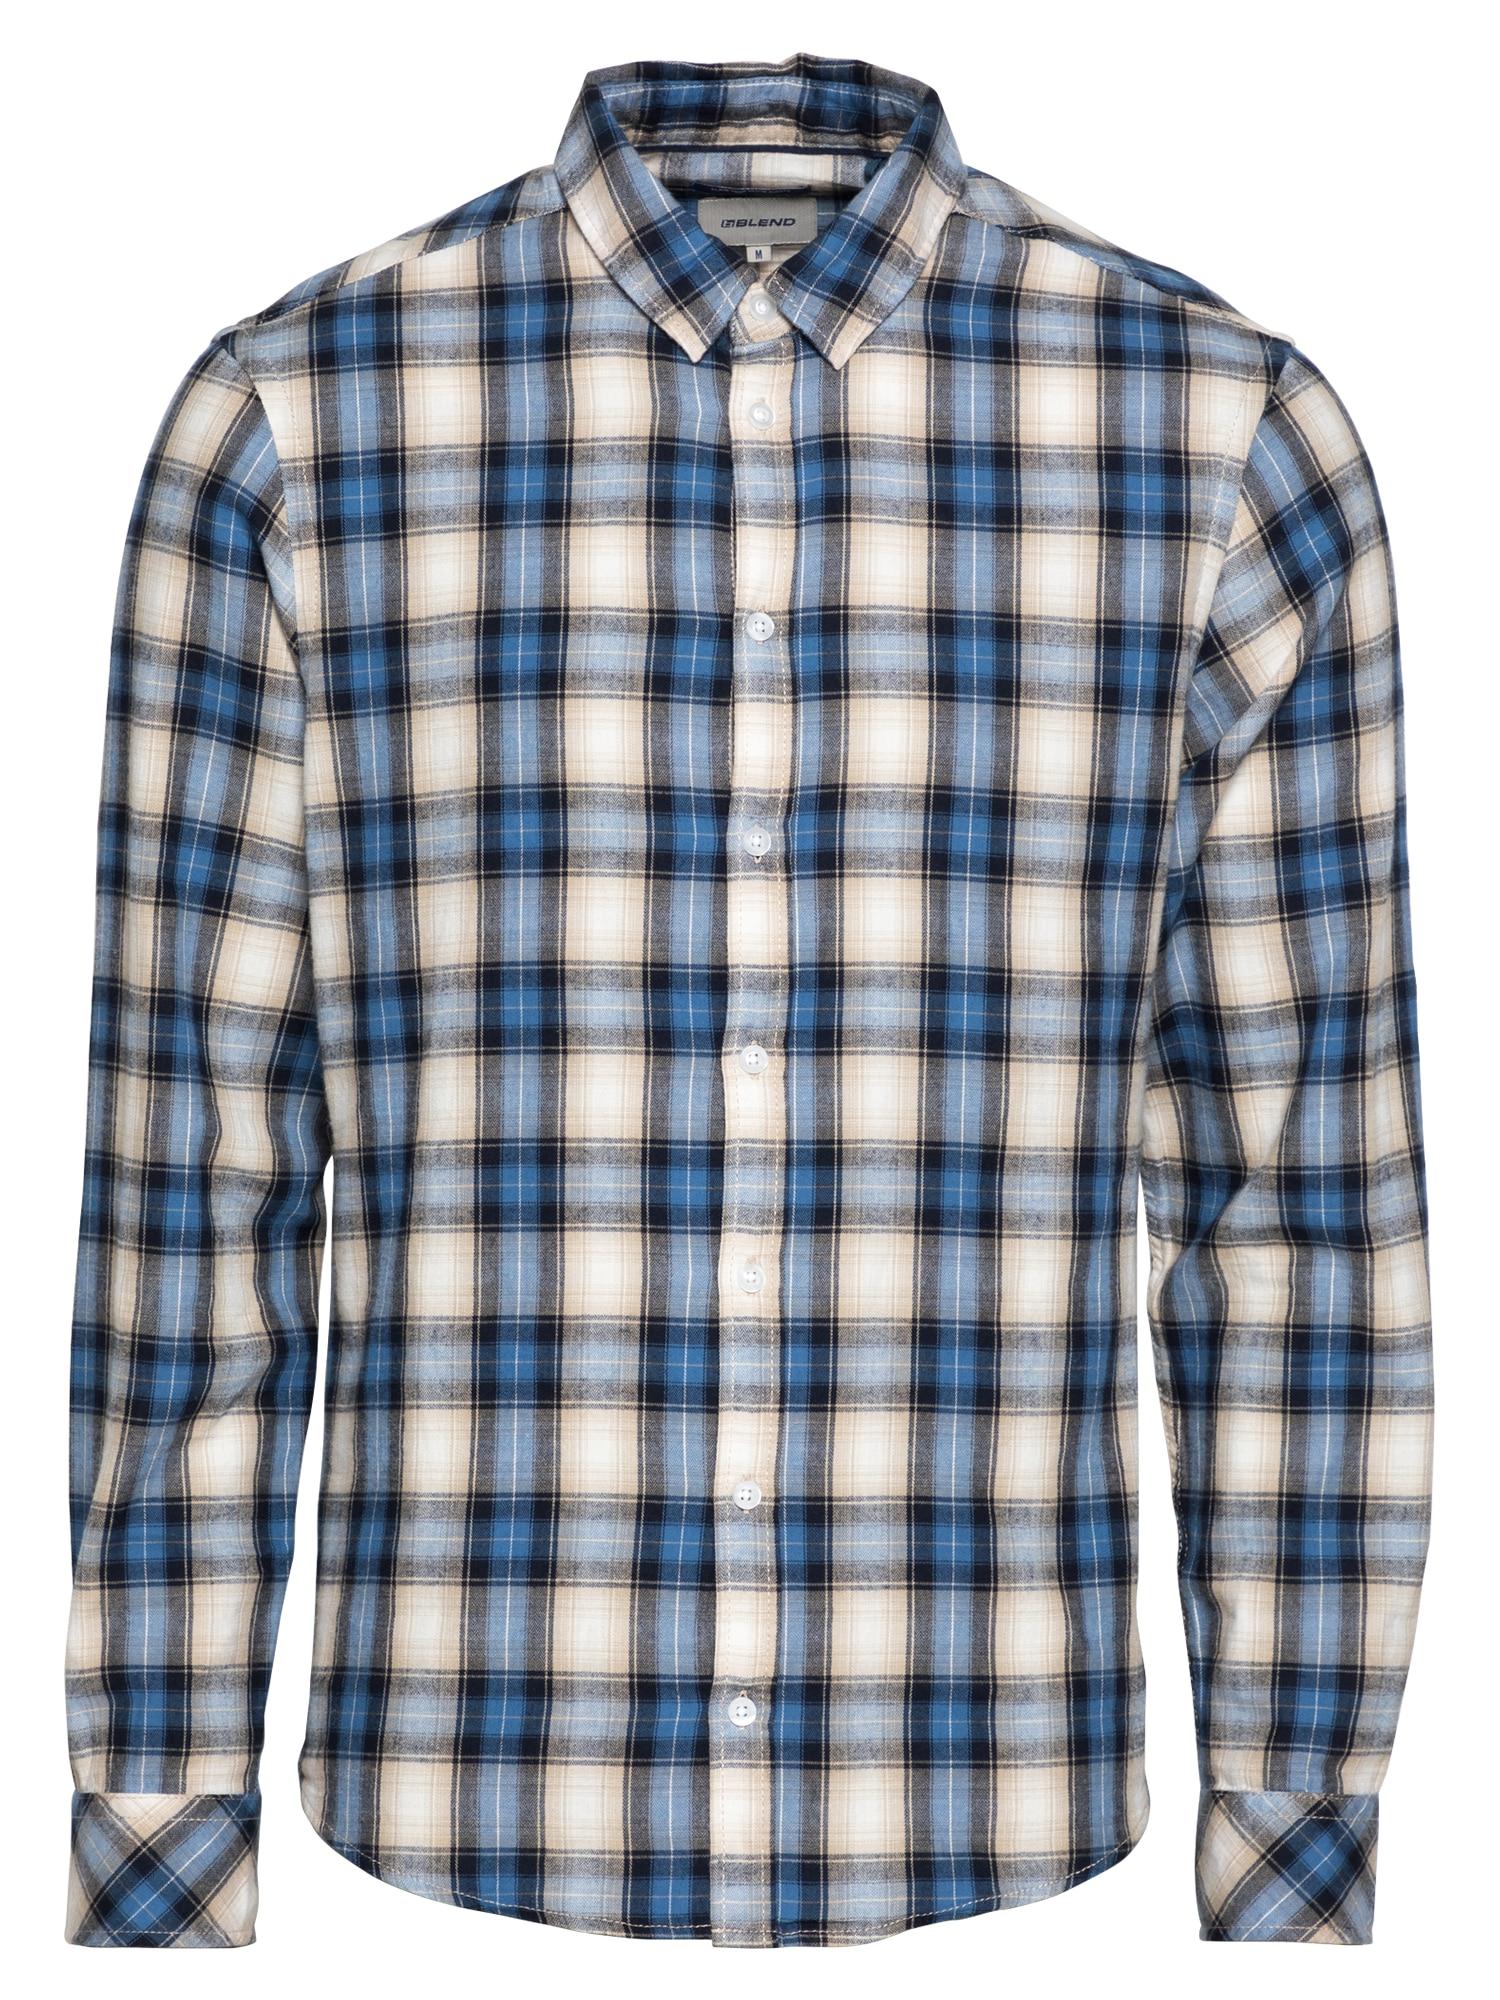 BLEND Marškiniai dangaus žydra / mėlyna / pudros spalva / smėlio / juoda